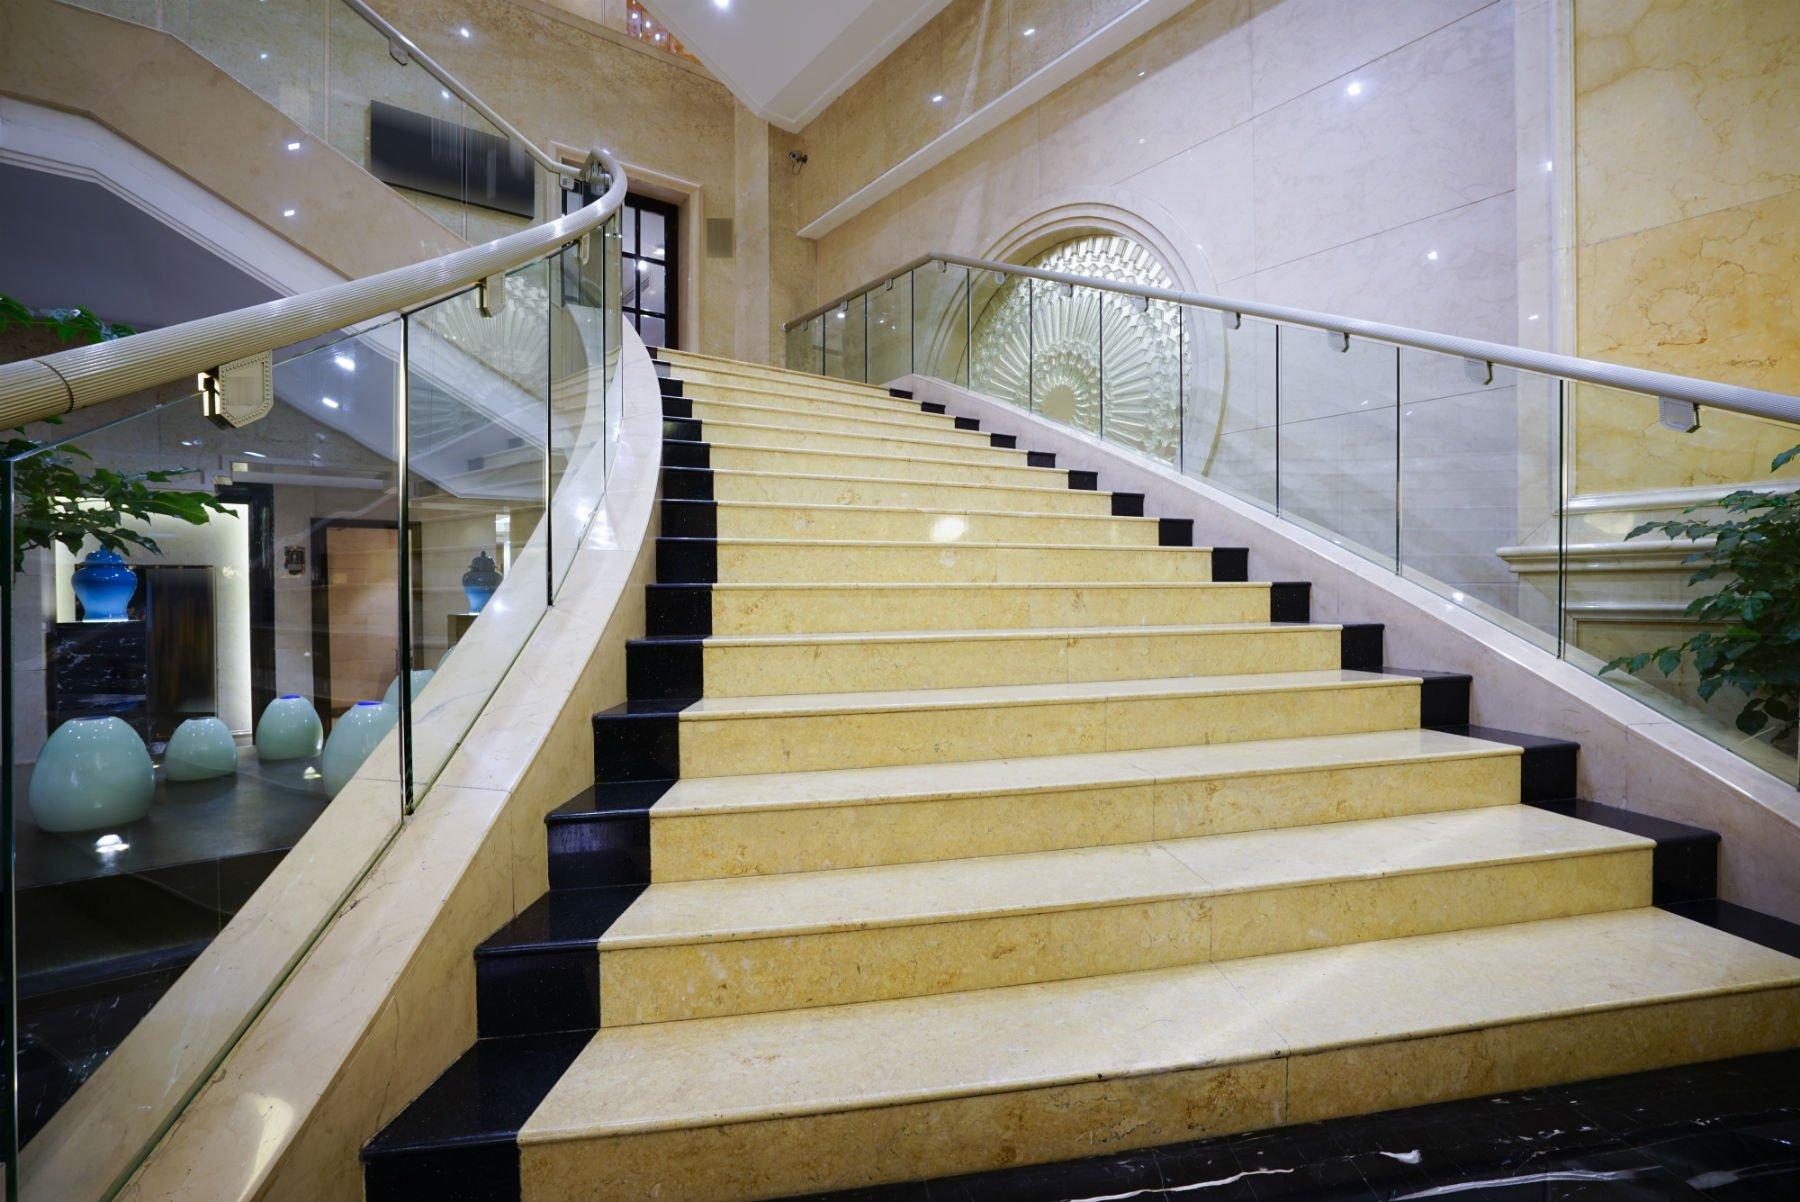 dei gradini in marmo giallo di una scala